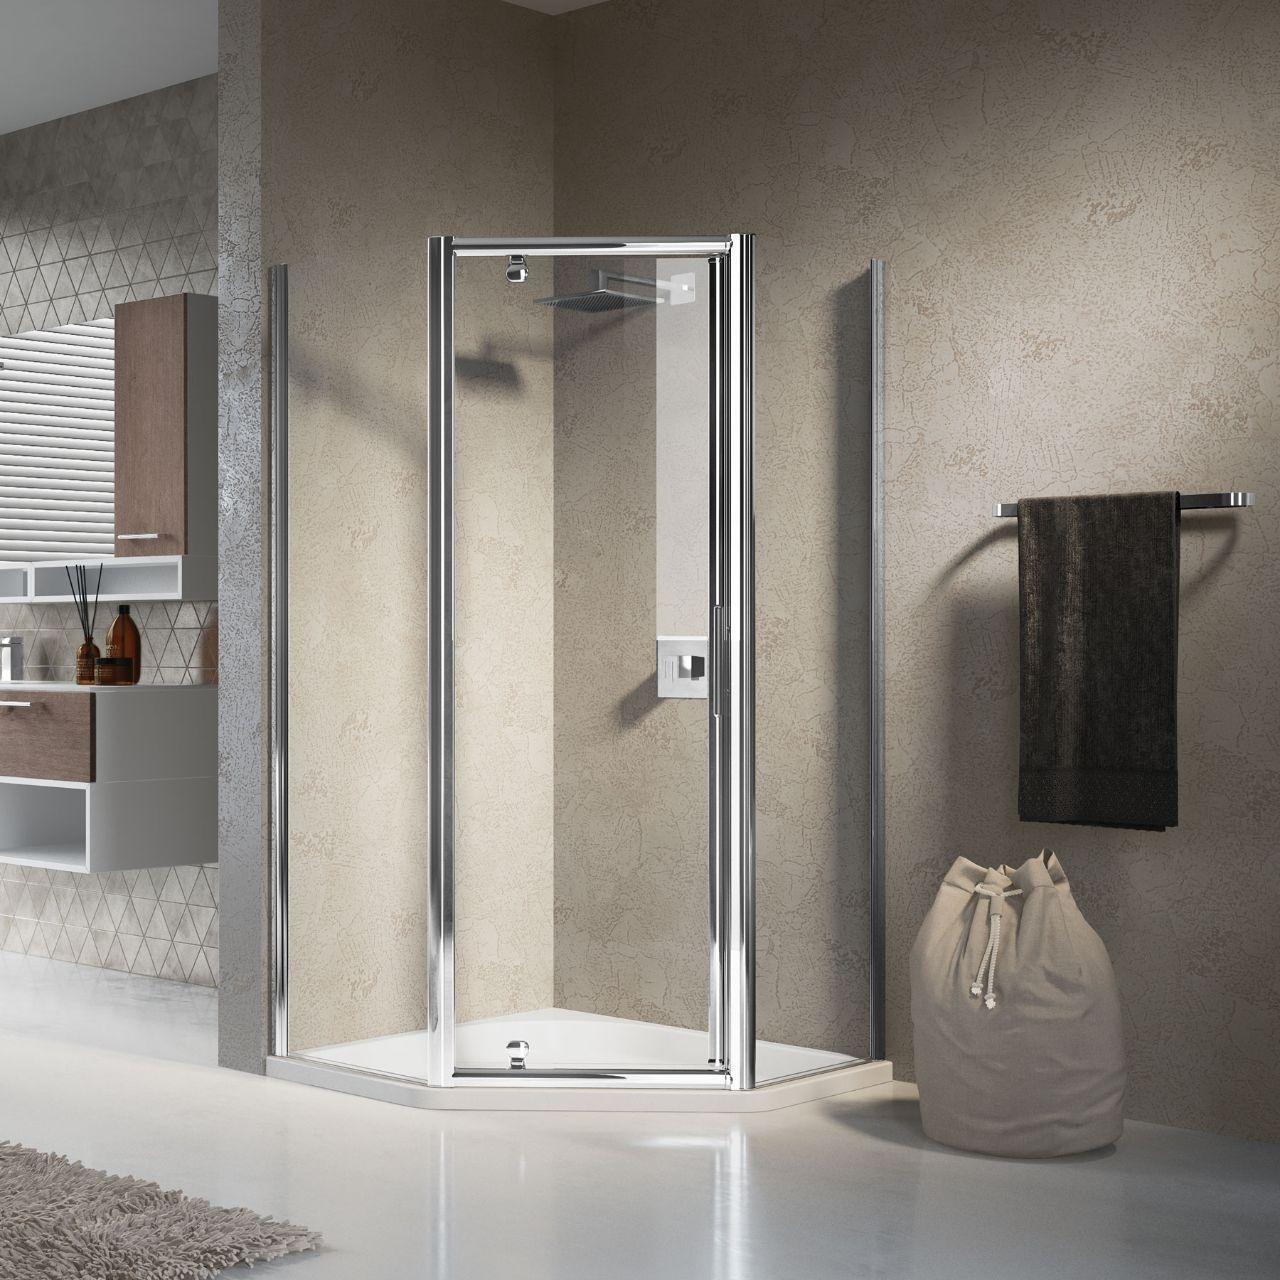 Shower enclosures lunes pentagono g novellini for Novellini shower doors